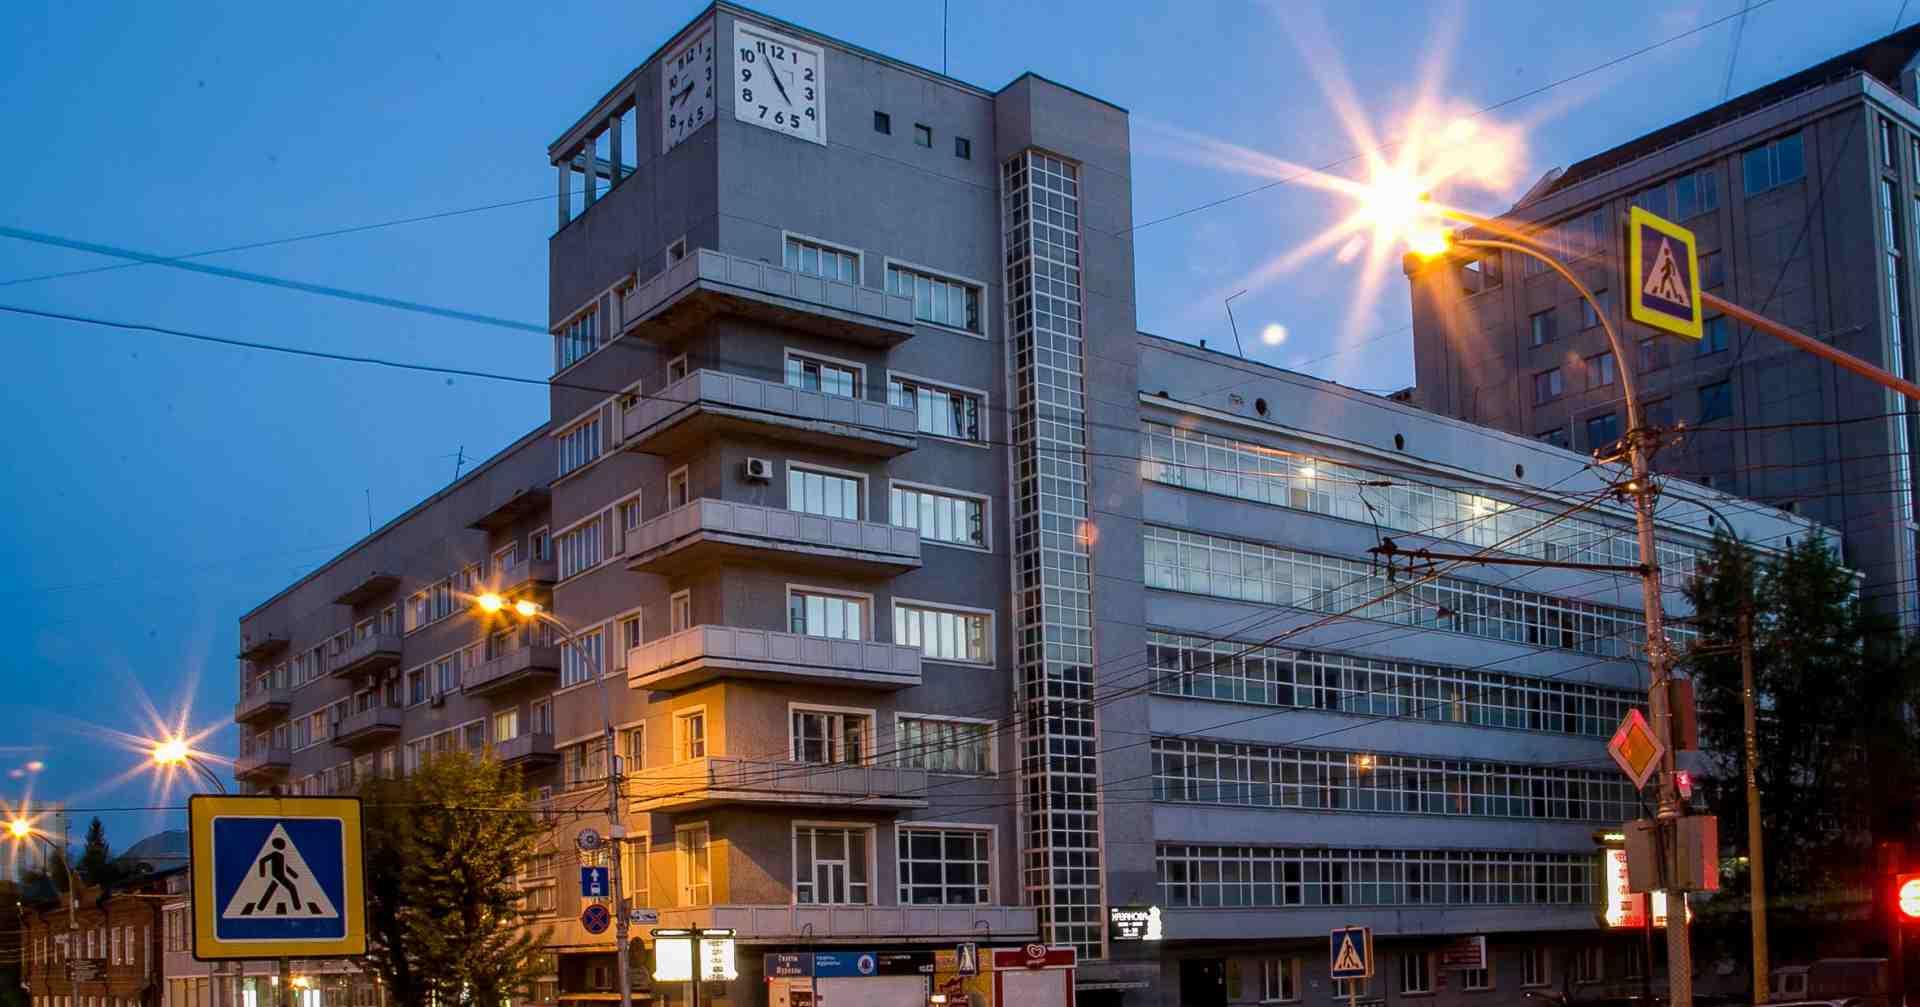 Новосибирский Дом с часами станет пилотным проектом по реставрации многоквартирных домов-памятников